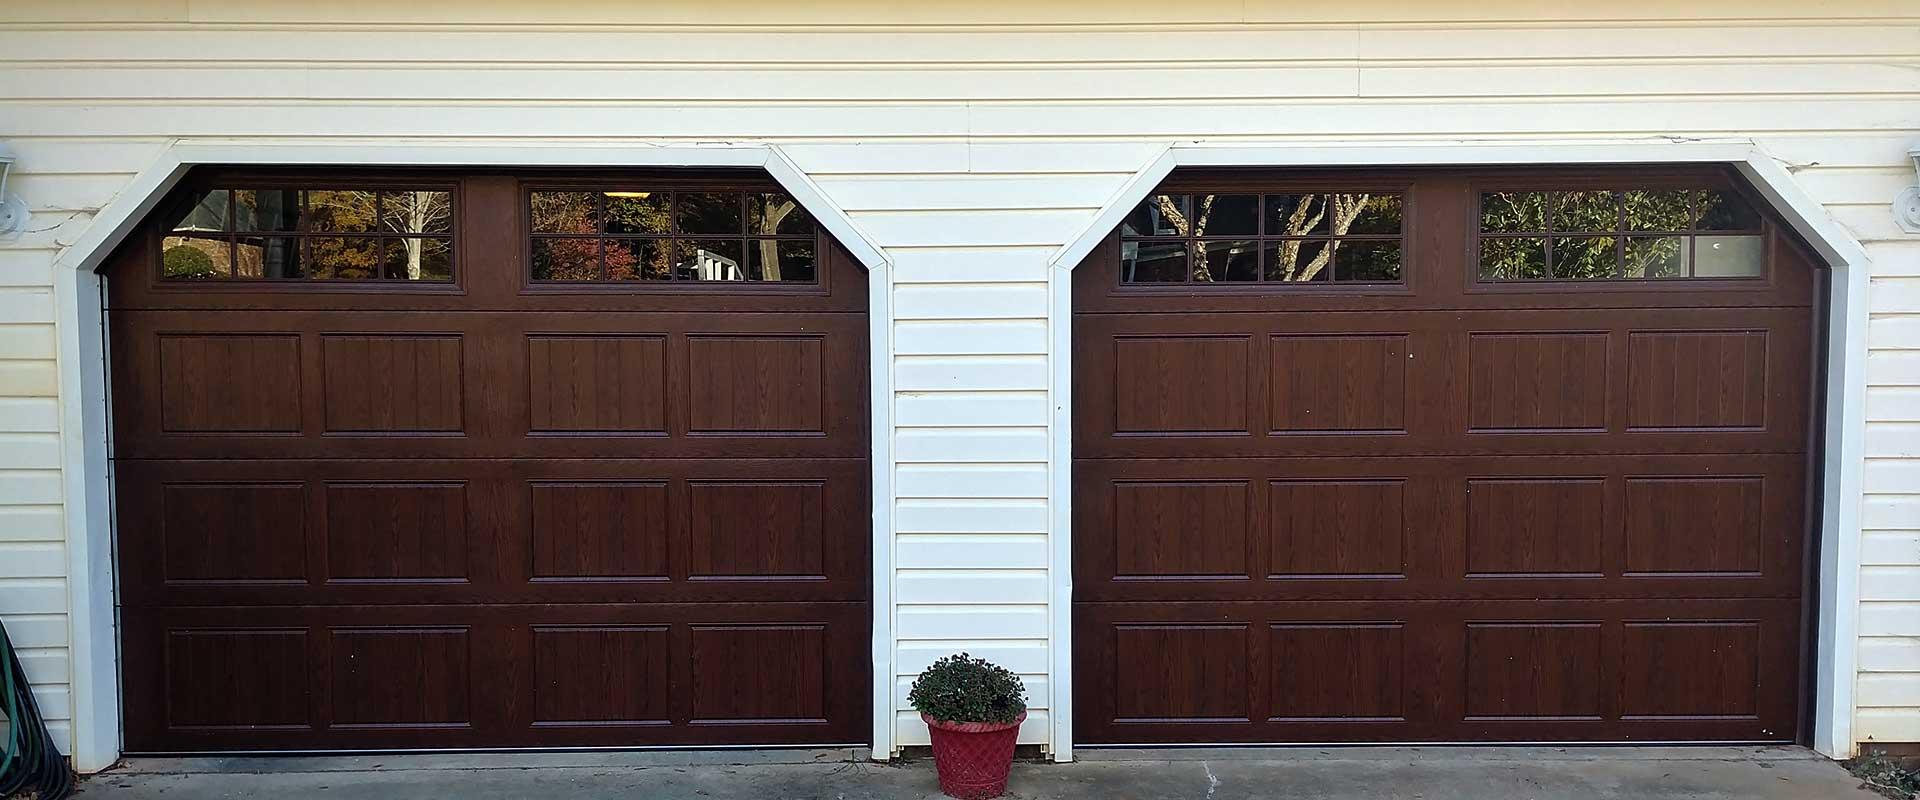 Garage Door Company Casar Nc Cleveland County Garage Doors